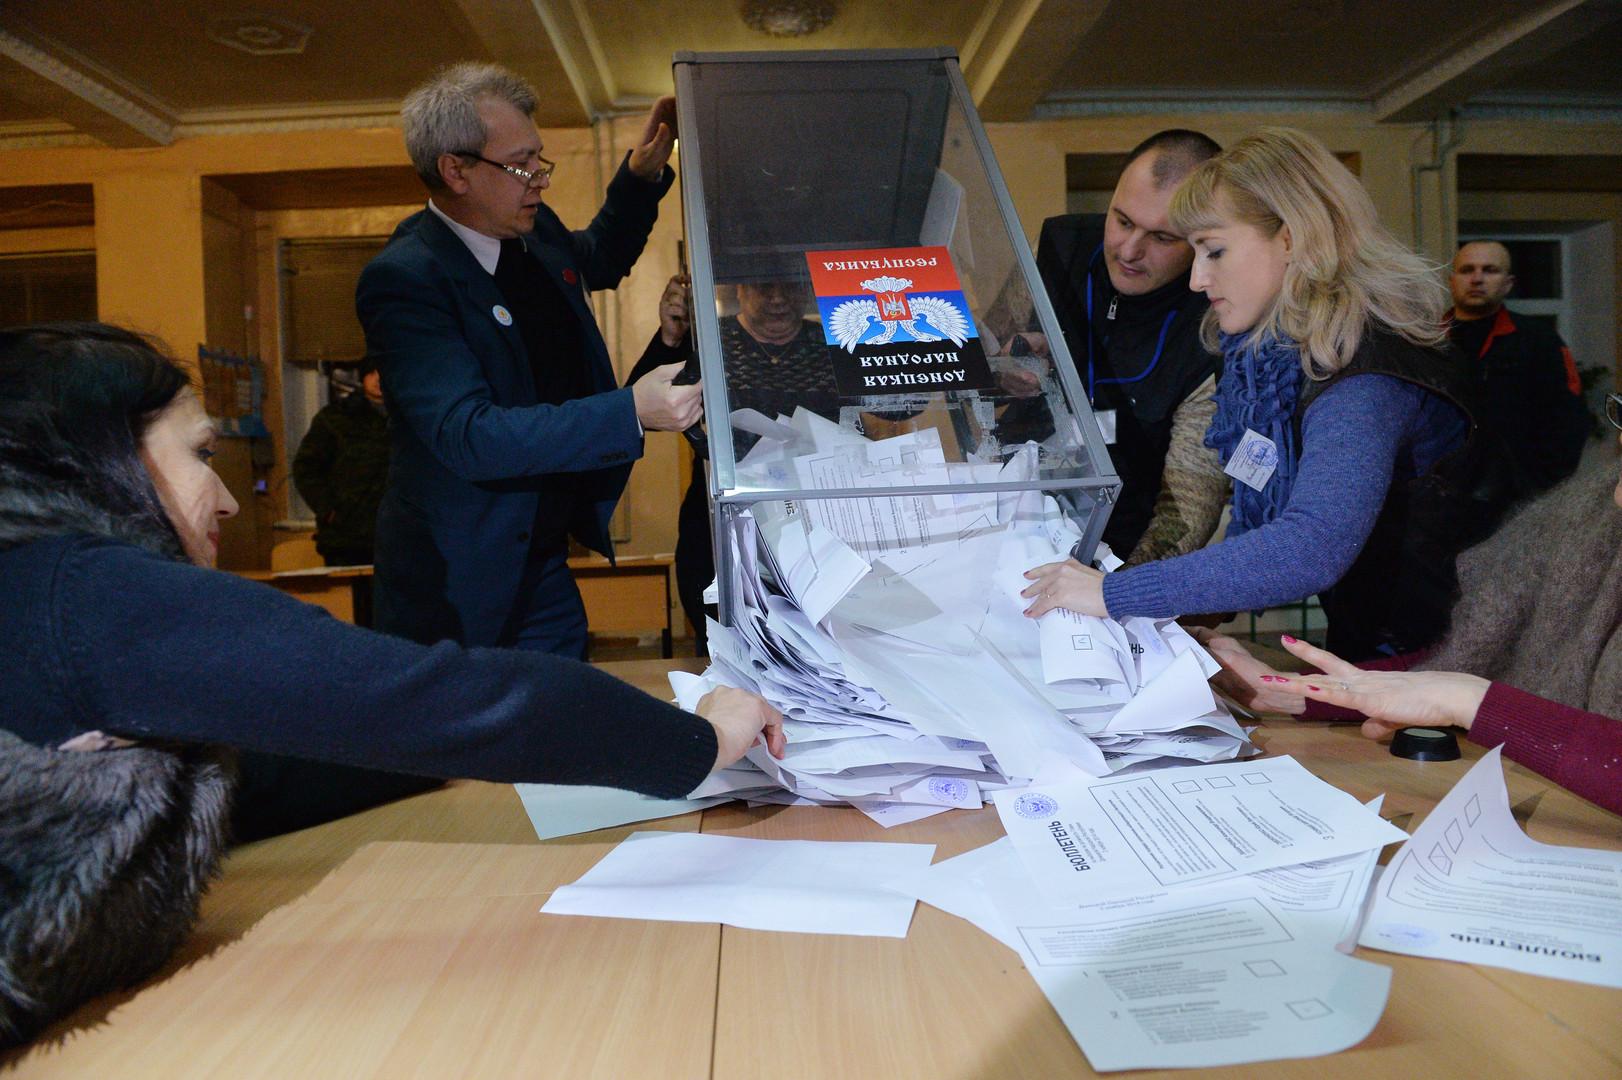 Министр ДНР:  Мы опасаемся провокаций со стороны Киева во время праймериз